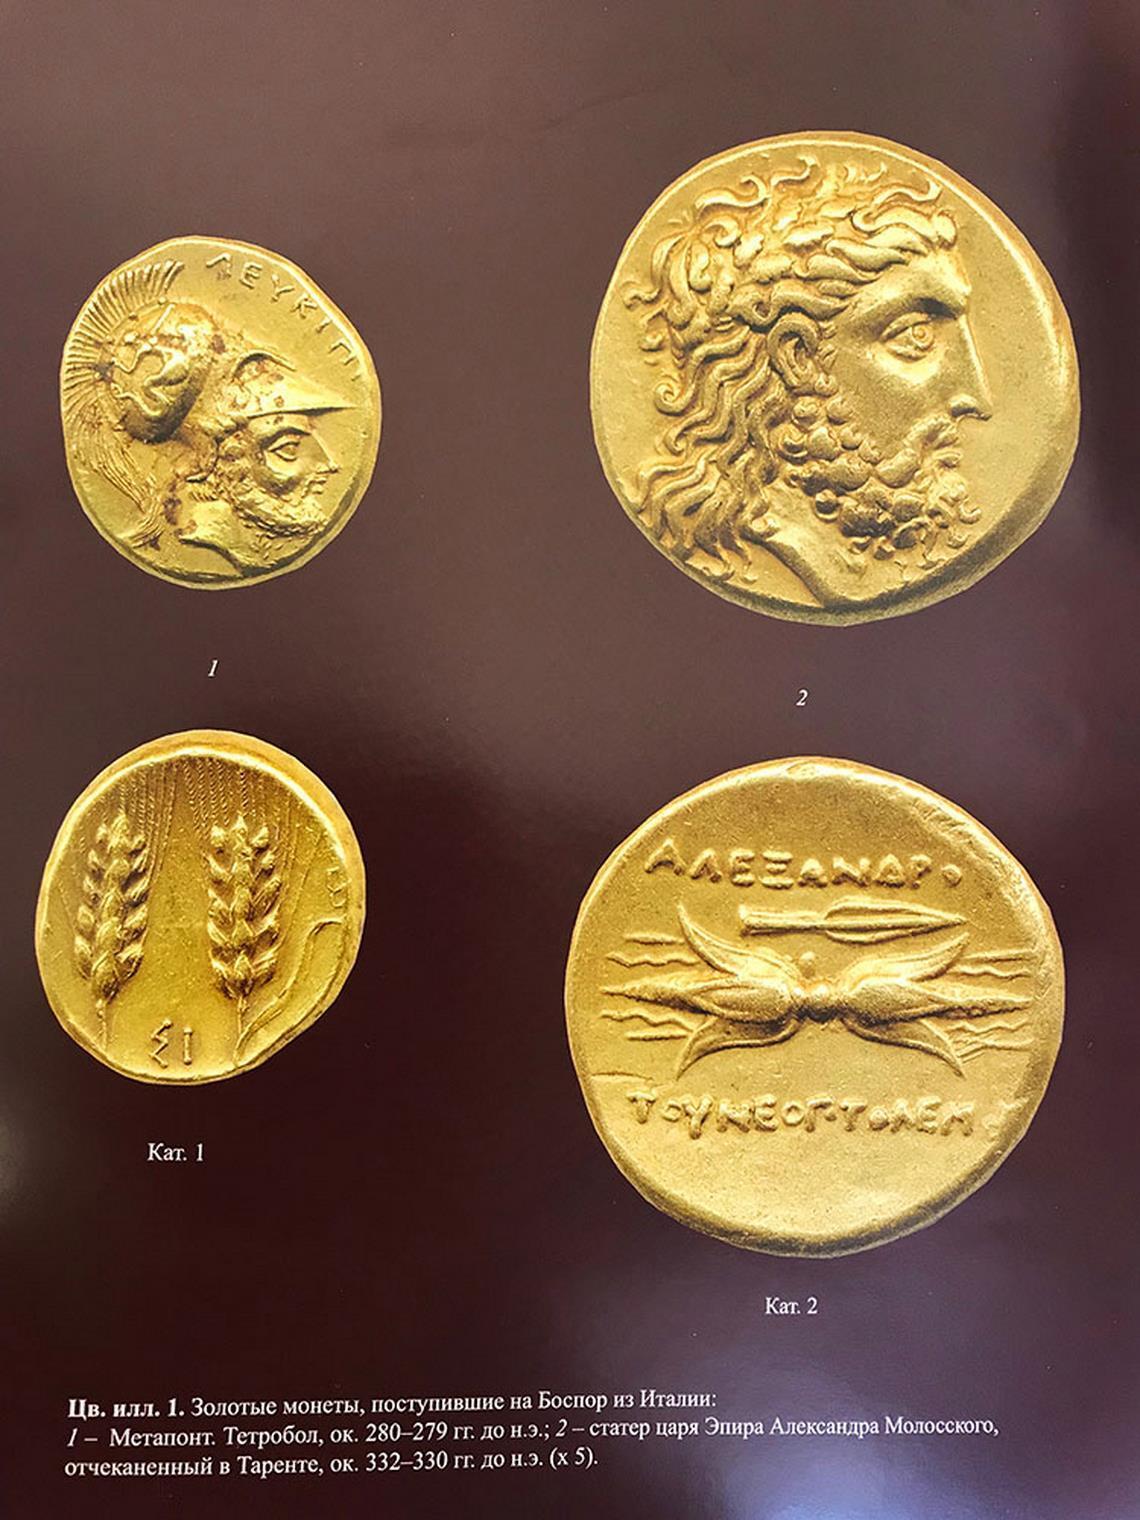 Это сенсация! В Магнитогорске ученый опубликовал коллекцию монет, которую похитили нацисты